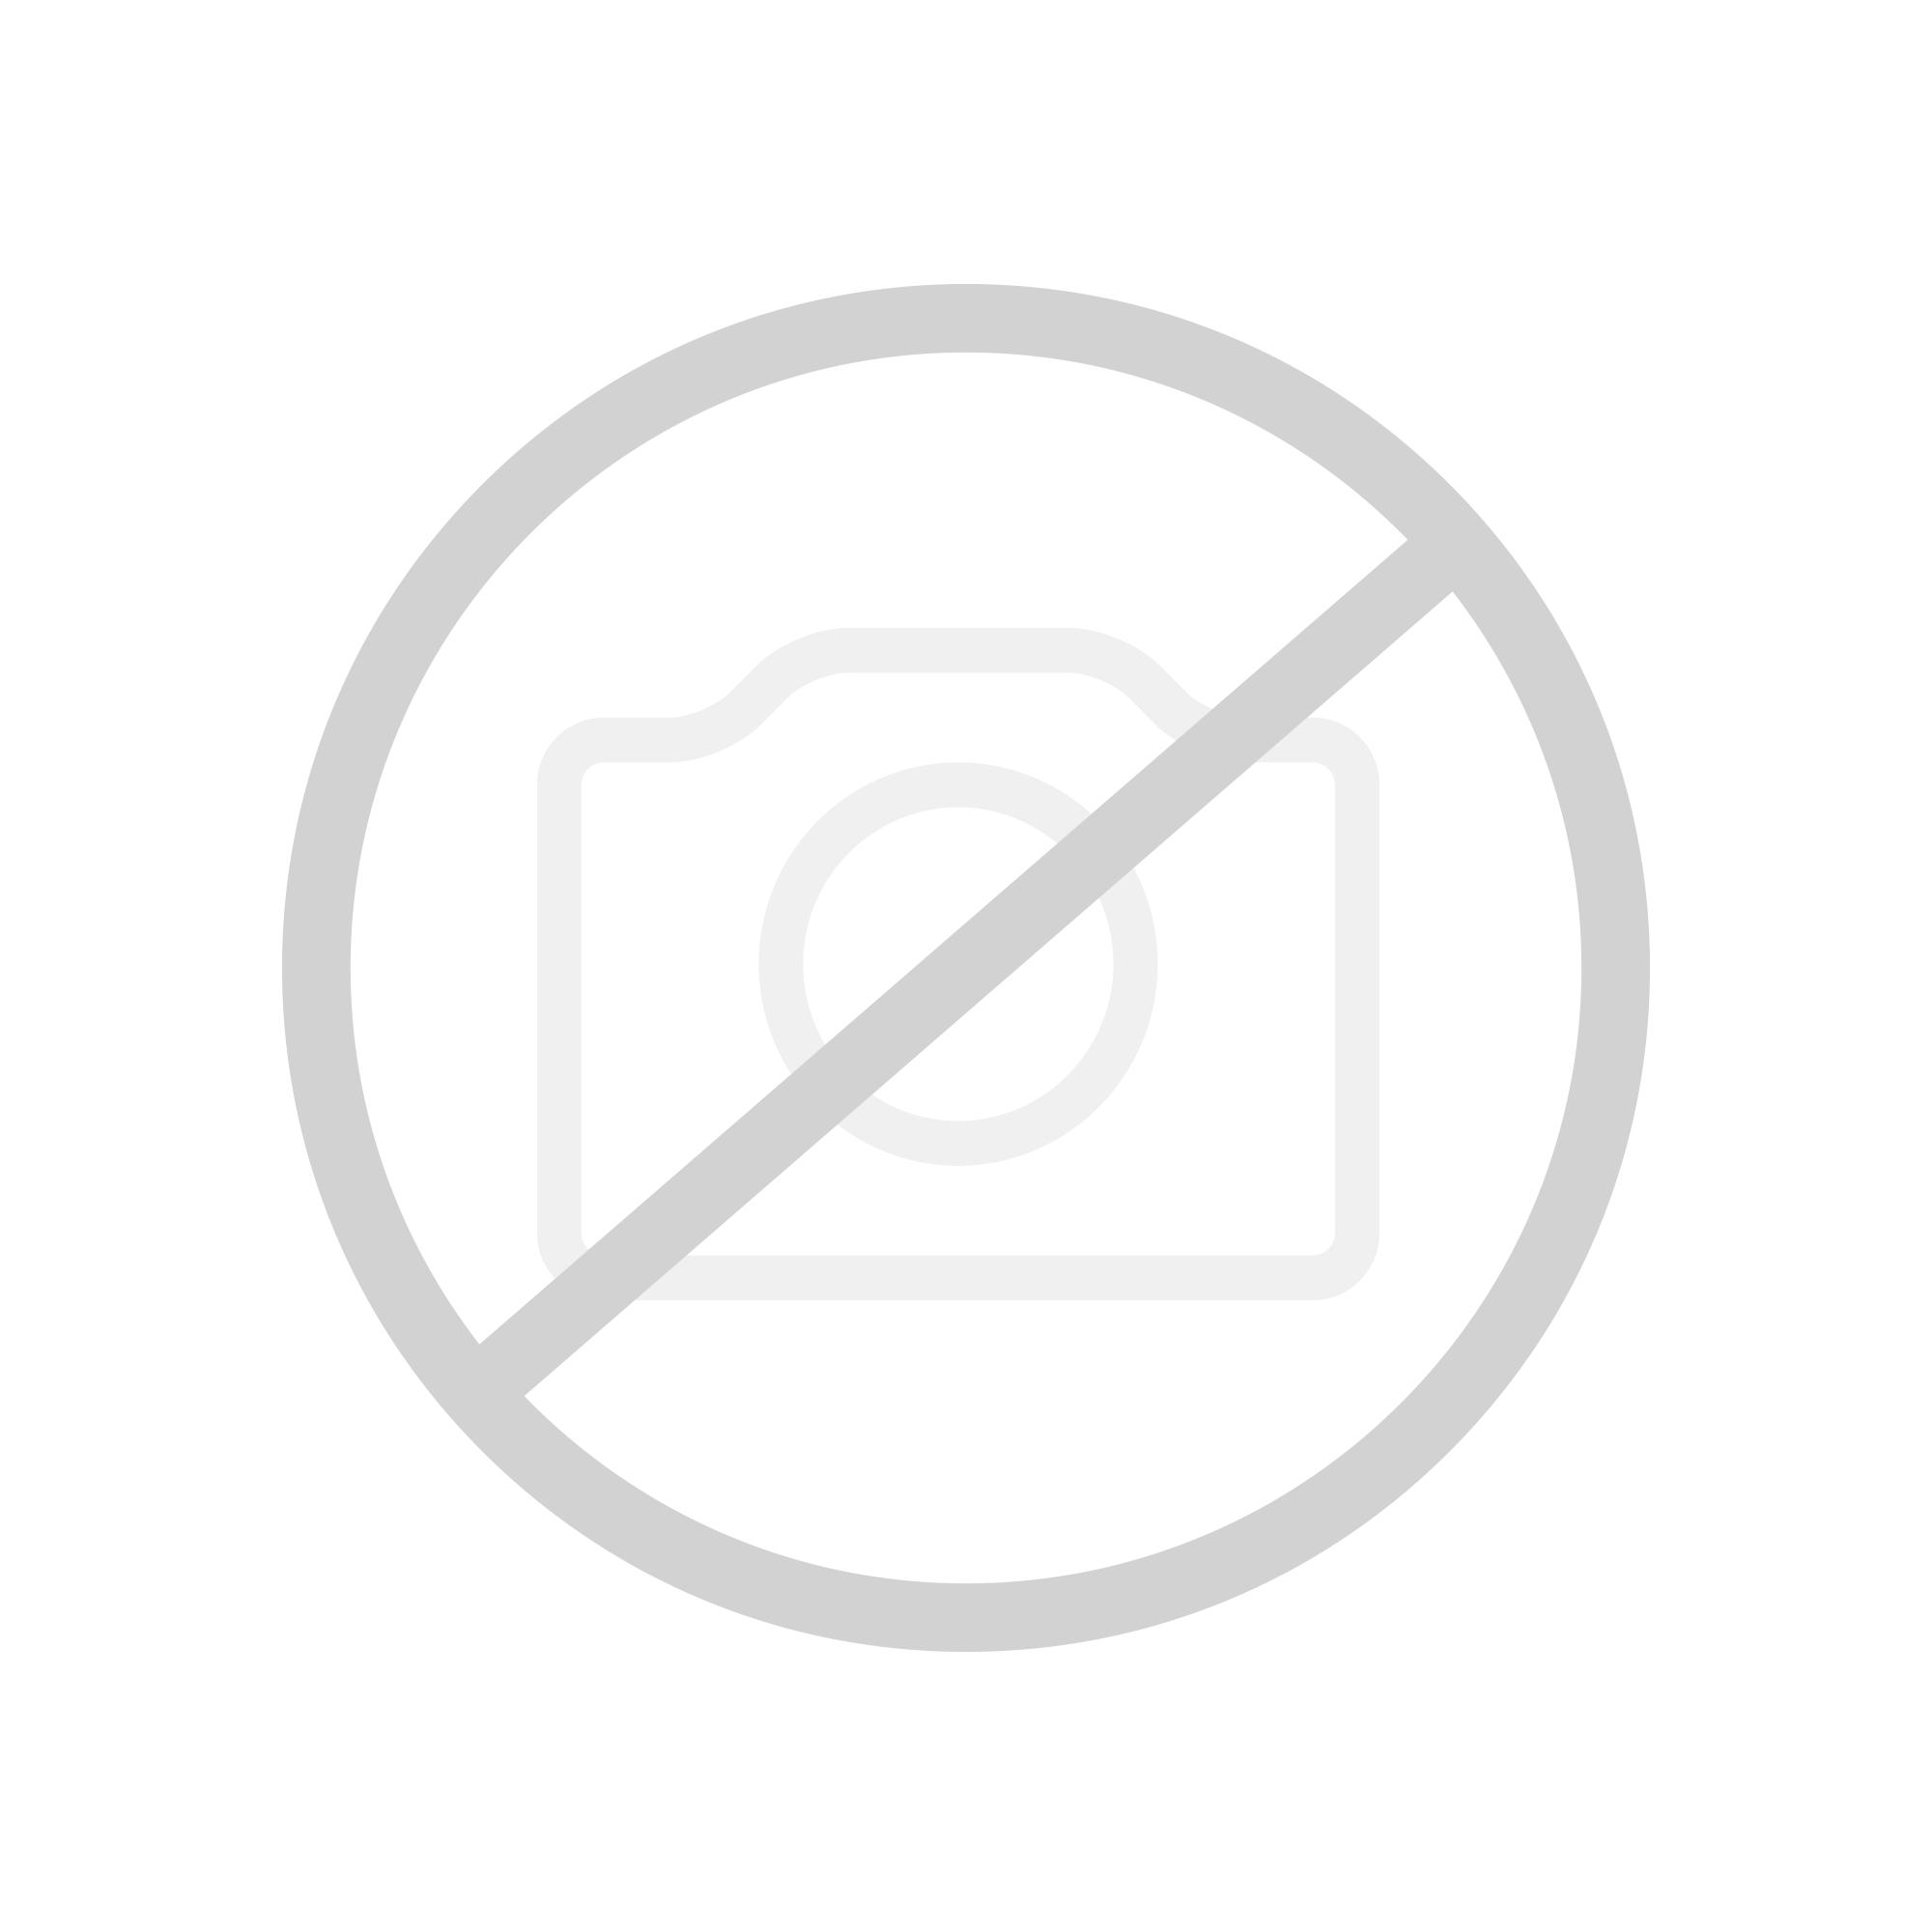 louis poulsen PH 5-4 ½ Pendelleuchte